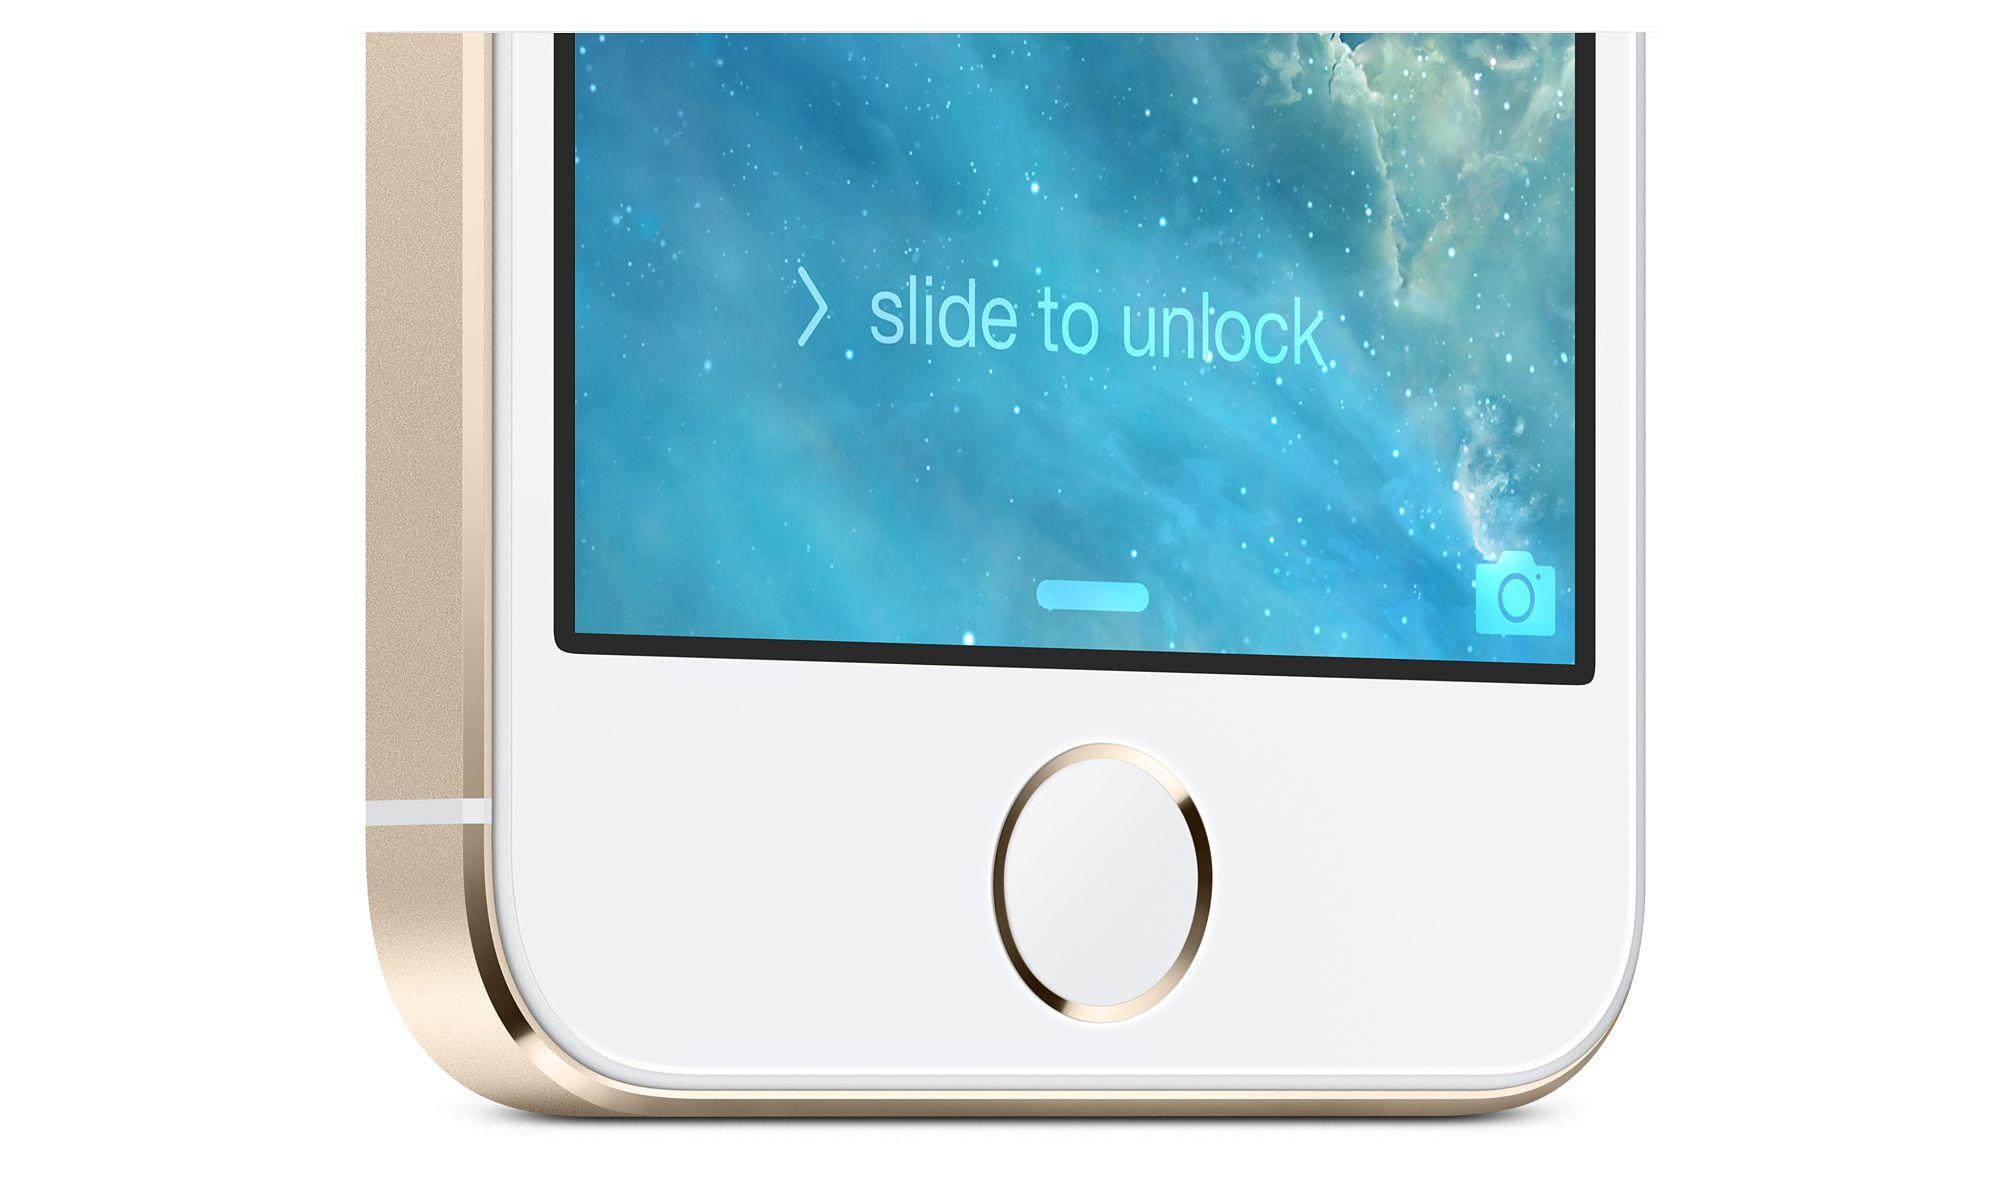 Apple、指紋認証によるモバイル決済を開発中かーiOS 8の目玉機能の1つになったりして